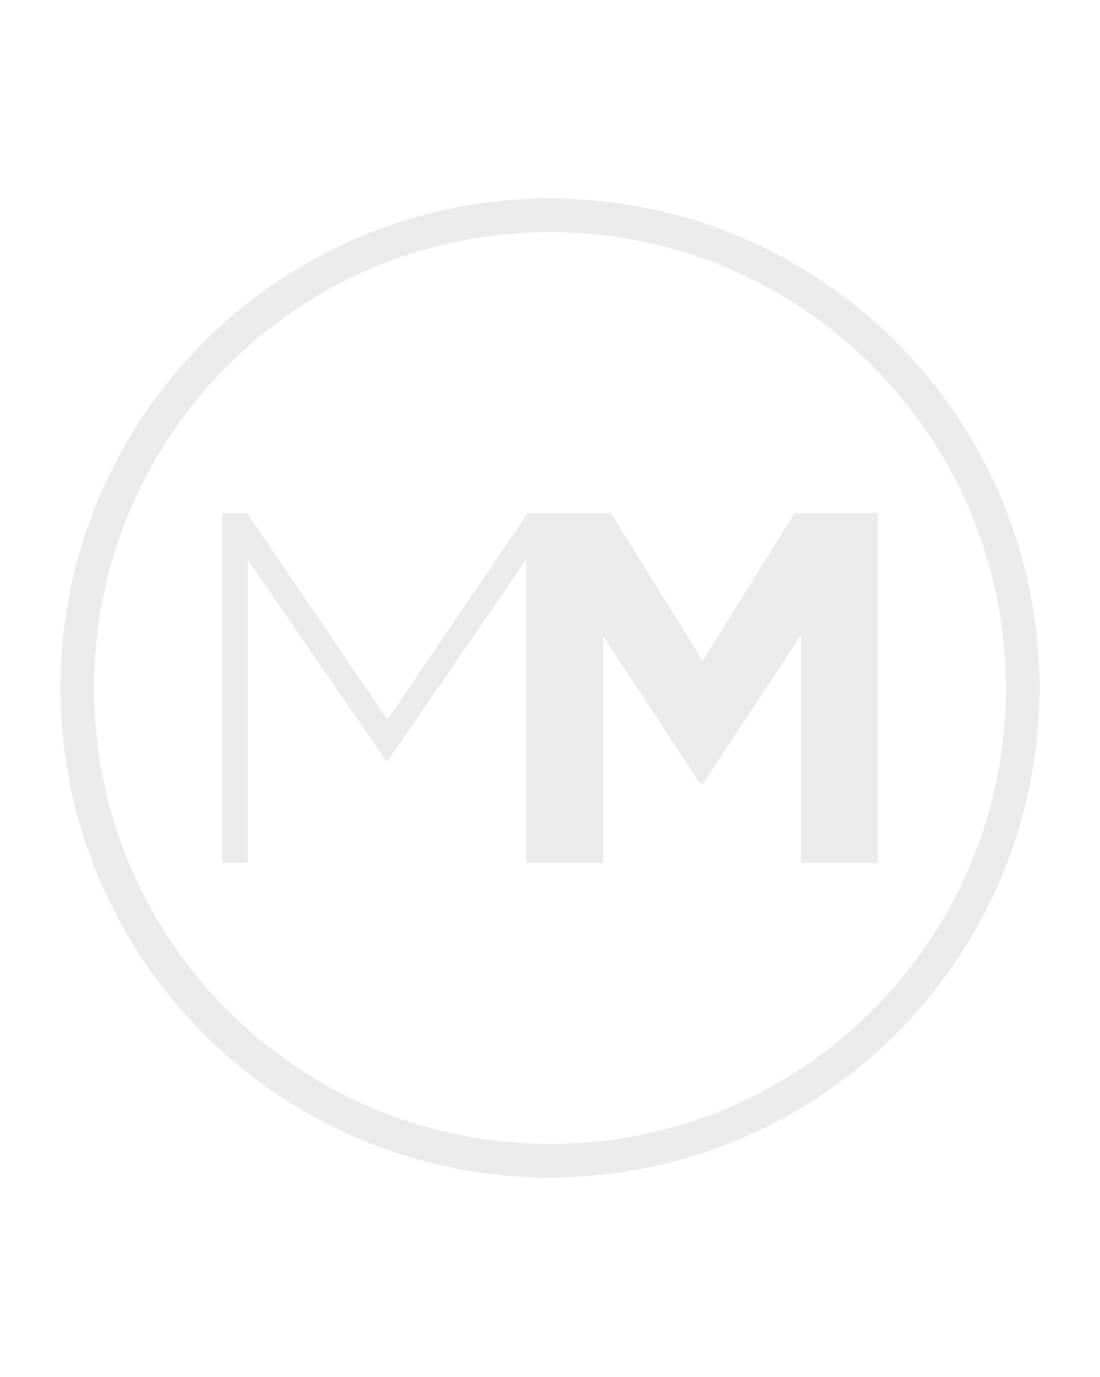 372b80bea88 Studio Anneloes - Damesmerken   Mijn Modewereld